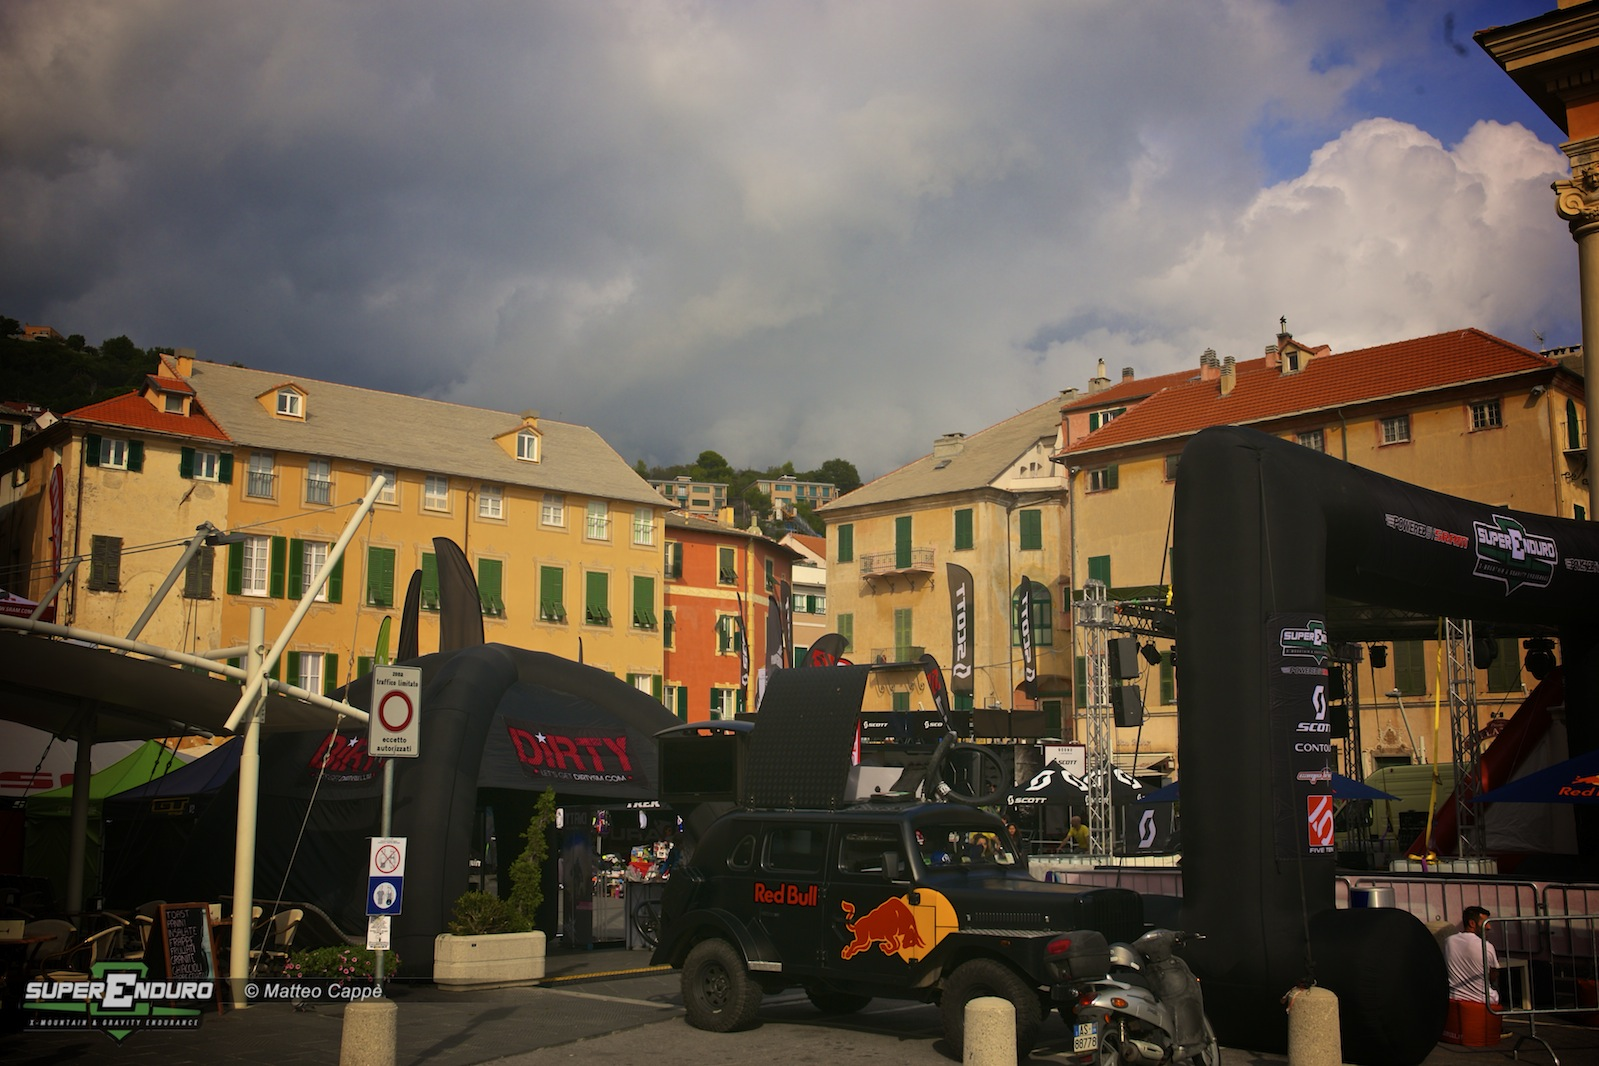 Il sabato sera nuvoloni minacciosi preannunciavano l'arrivo della pioggia che ha interrotto le premiazioni la domenica